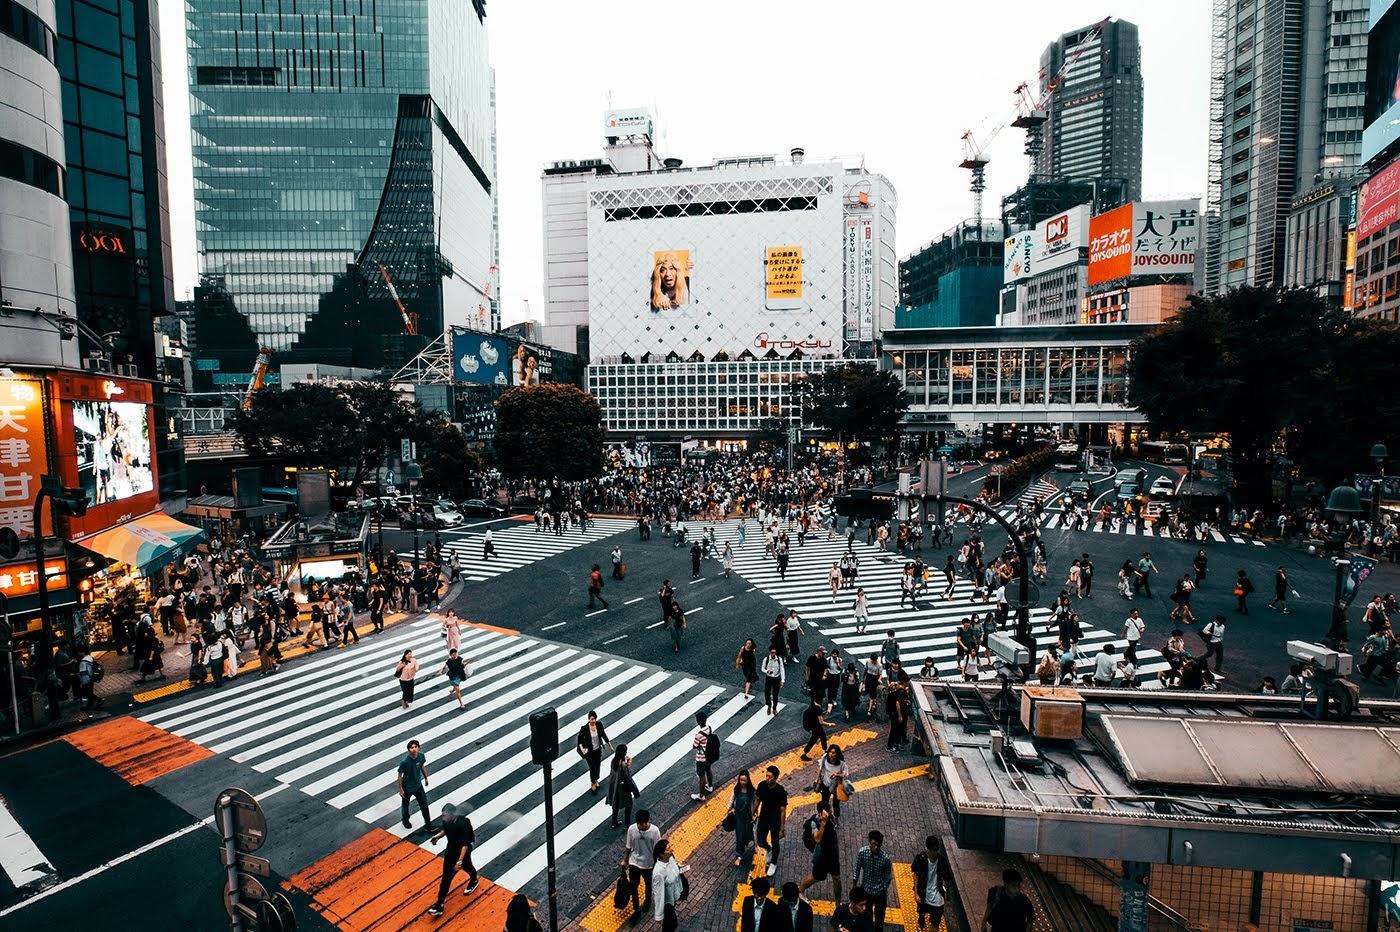 El cruce de Shibuya, el más transitado del mundo en Tokio.